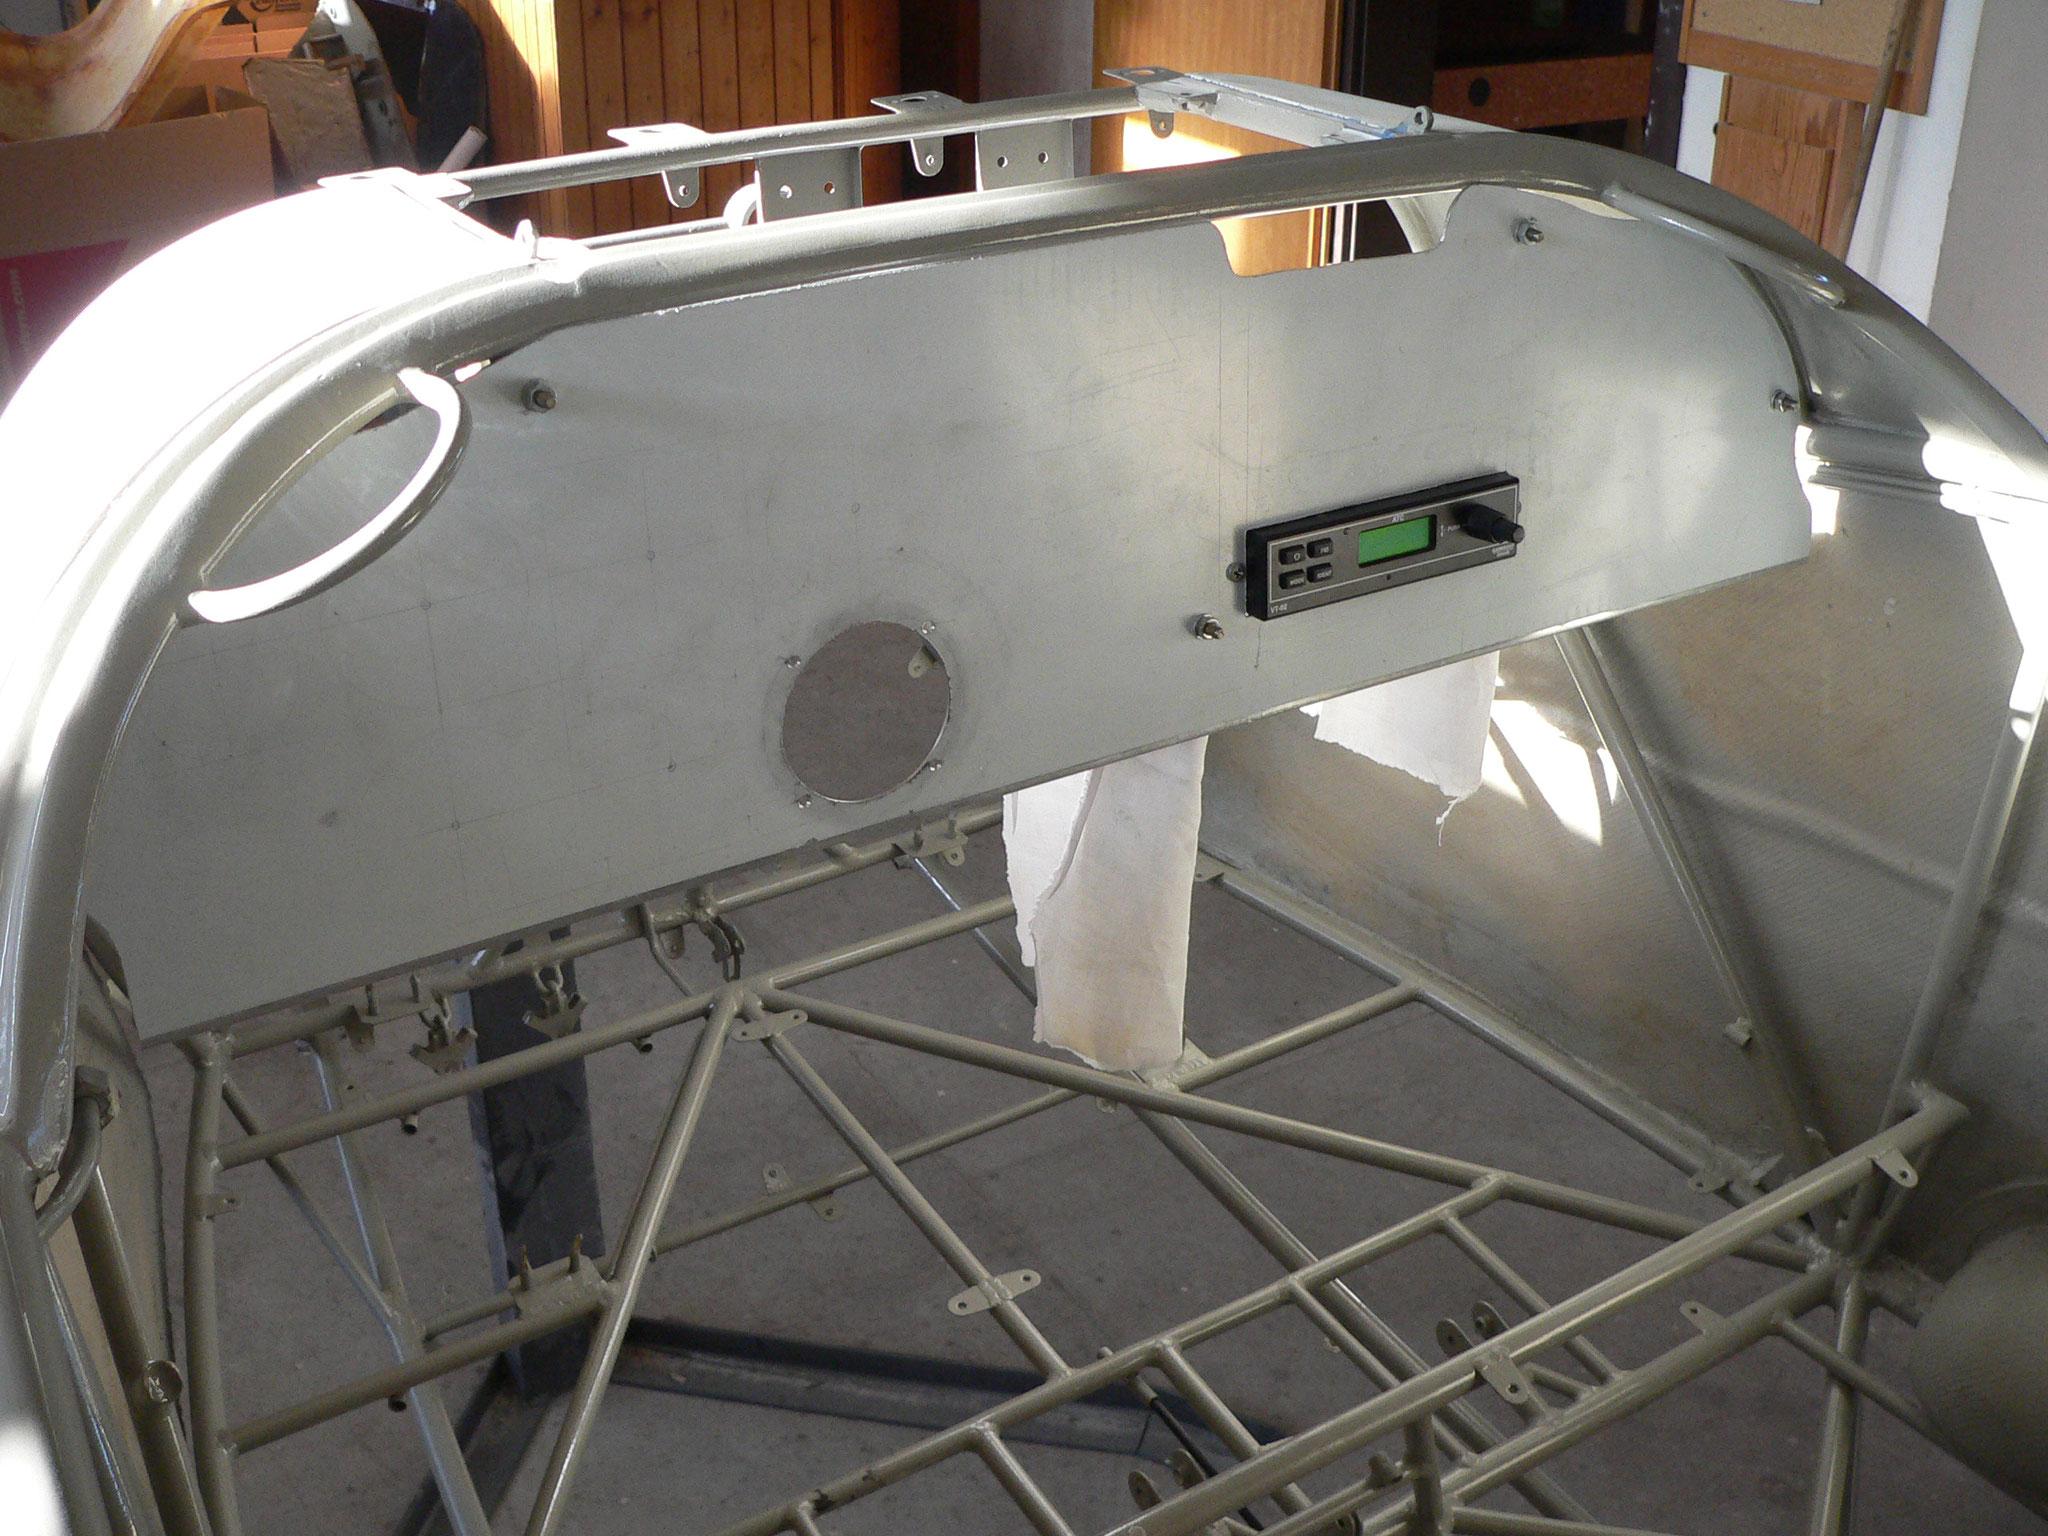 Einpassen des Instrumentenbretts, der Transponder ist bereits montiert